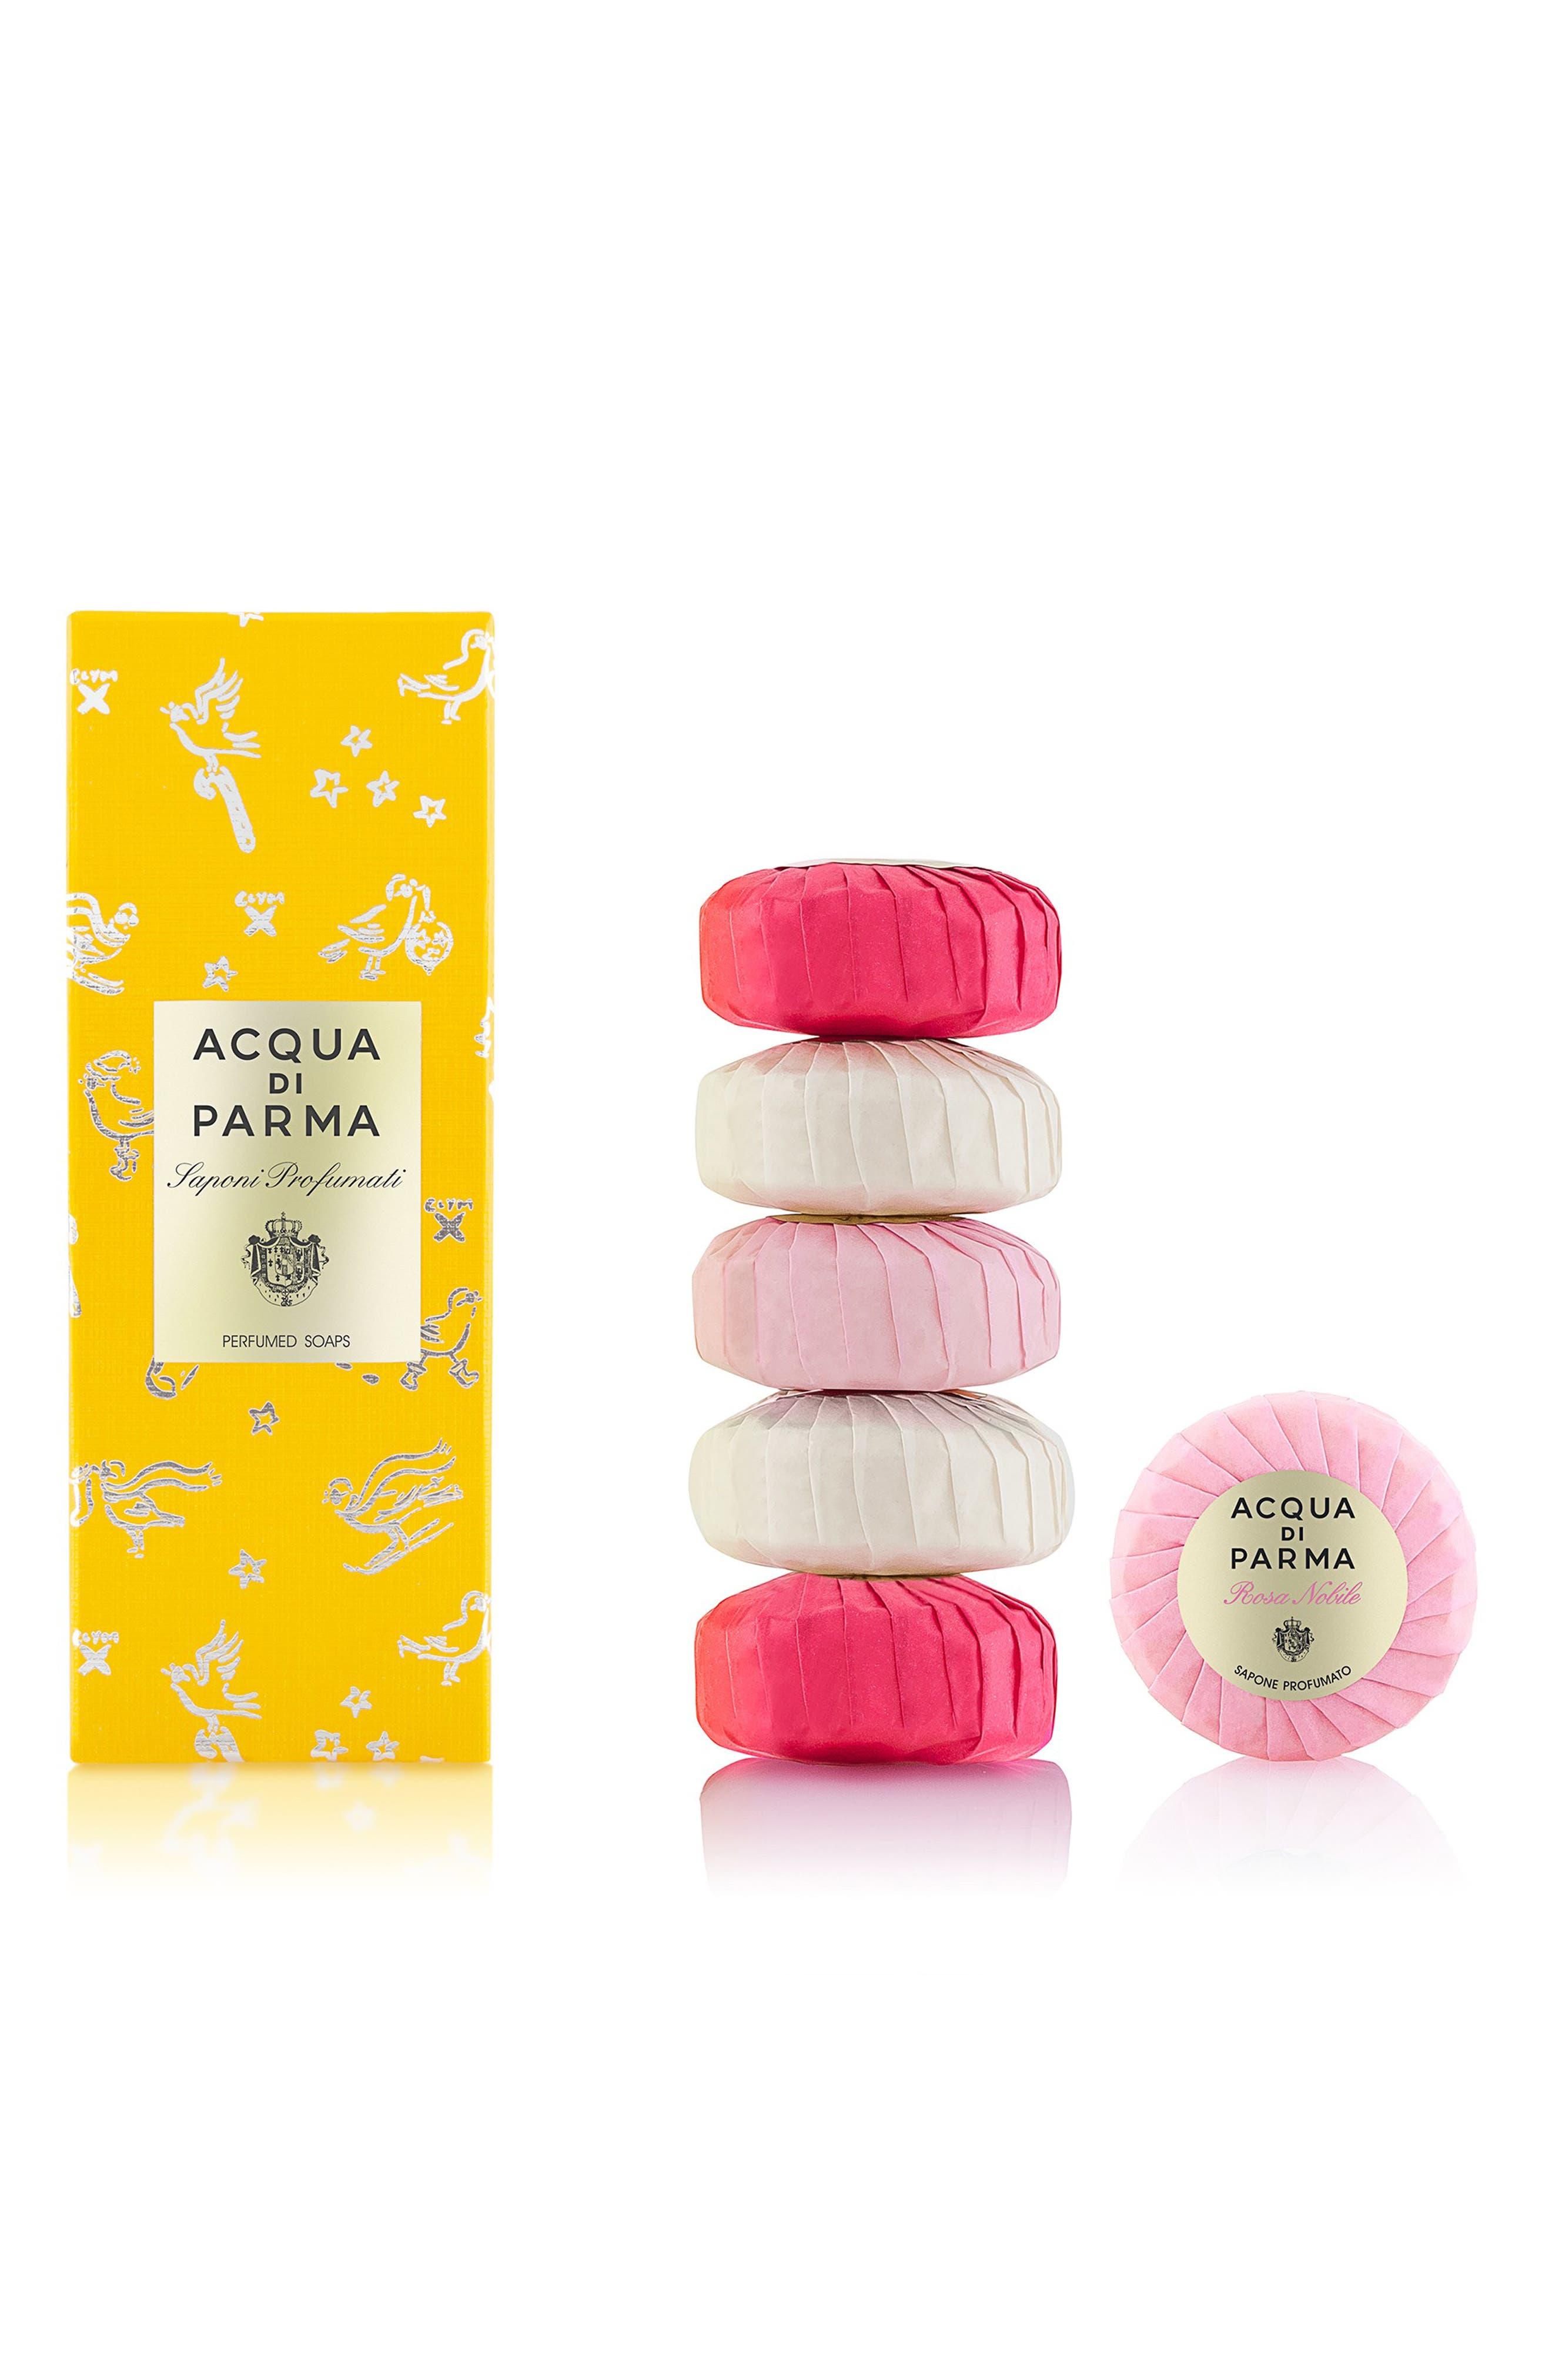 Acqua Di Parma Le Nobili Soap Collection (Limited Edition)